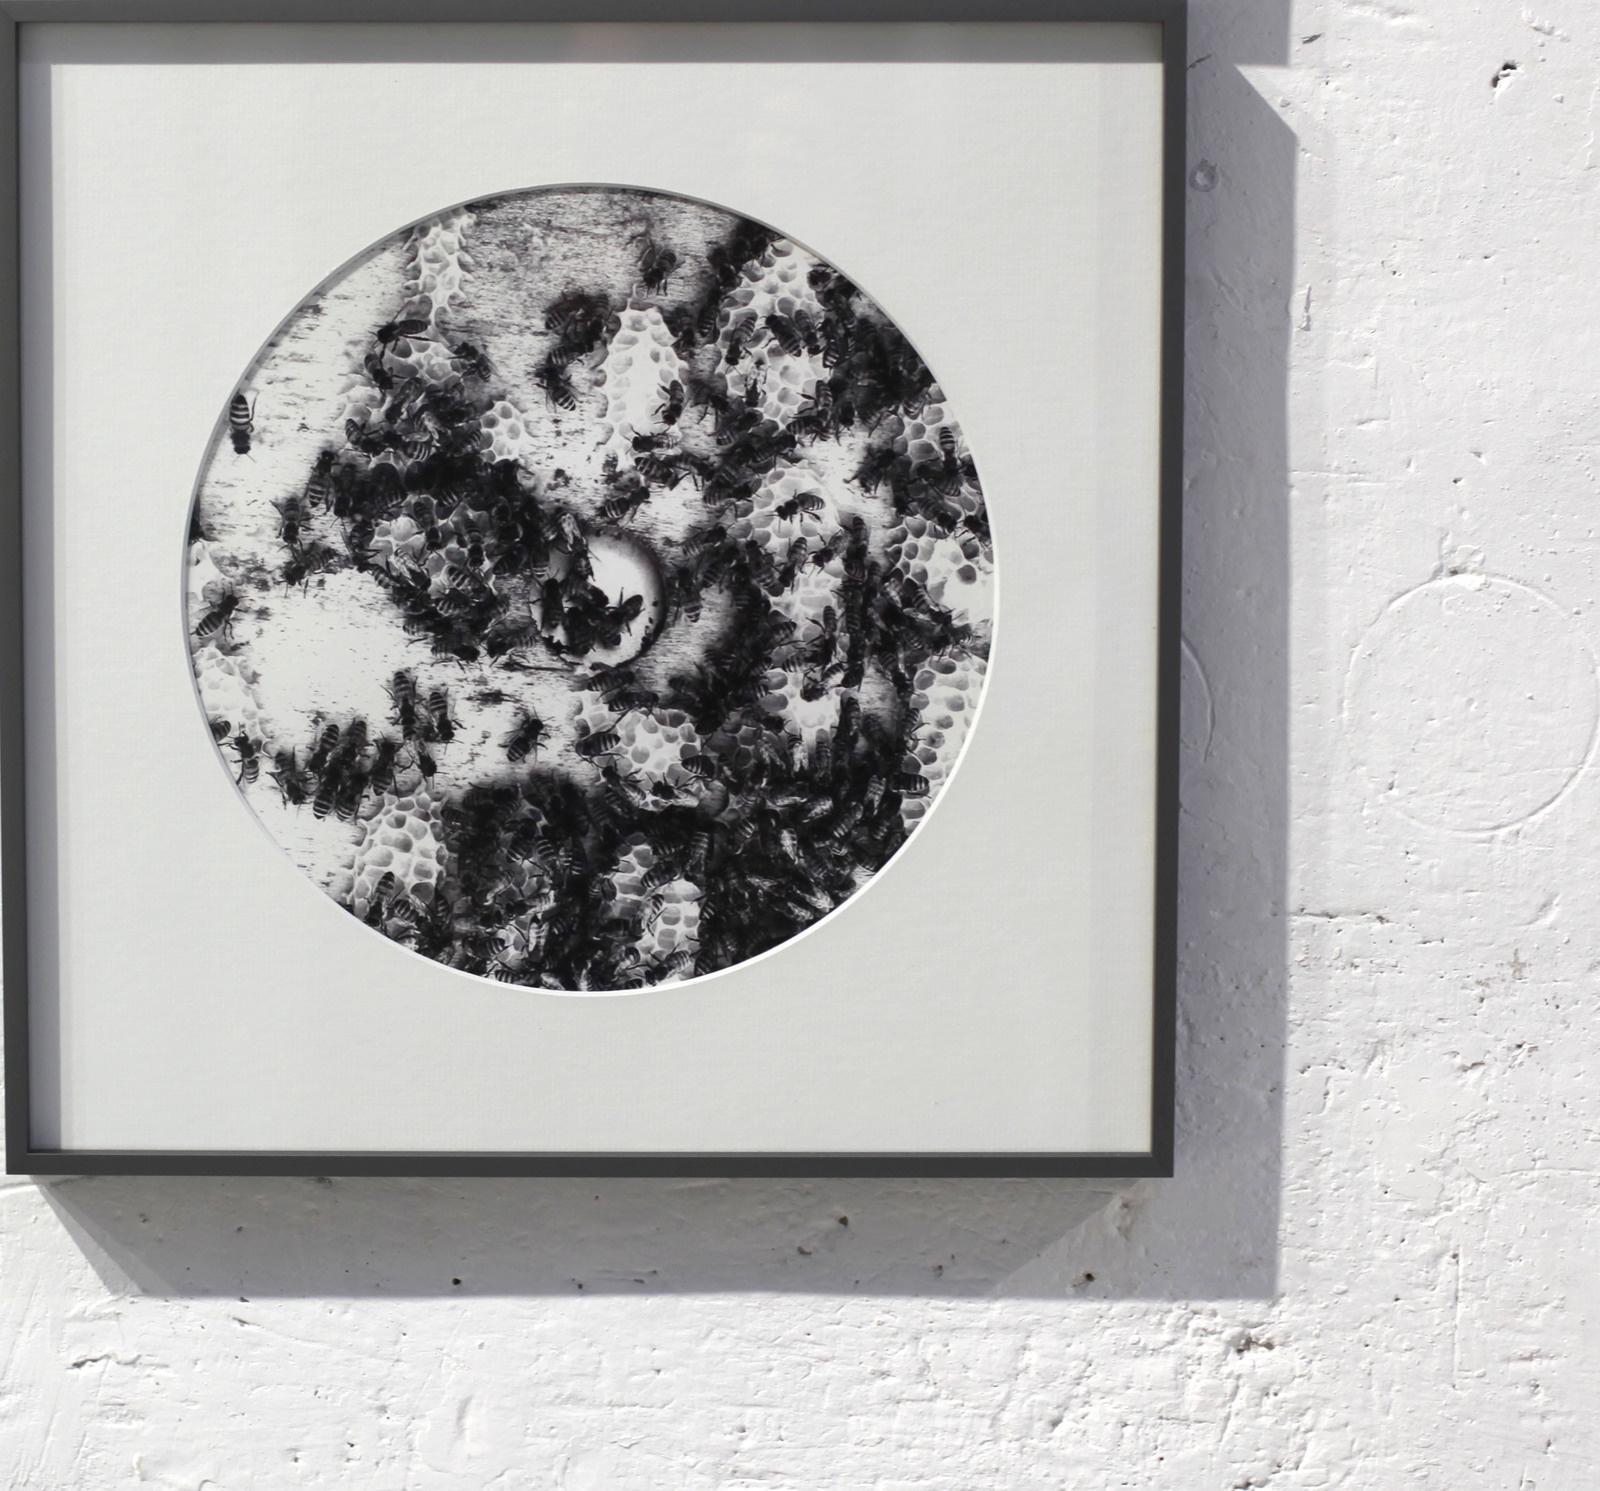 Vue de l'exposition Des artistes et des abeilles. Martine Mougin. Courtesy Martine Mougin.